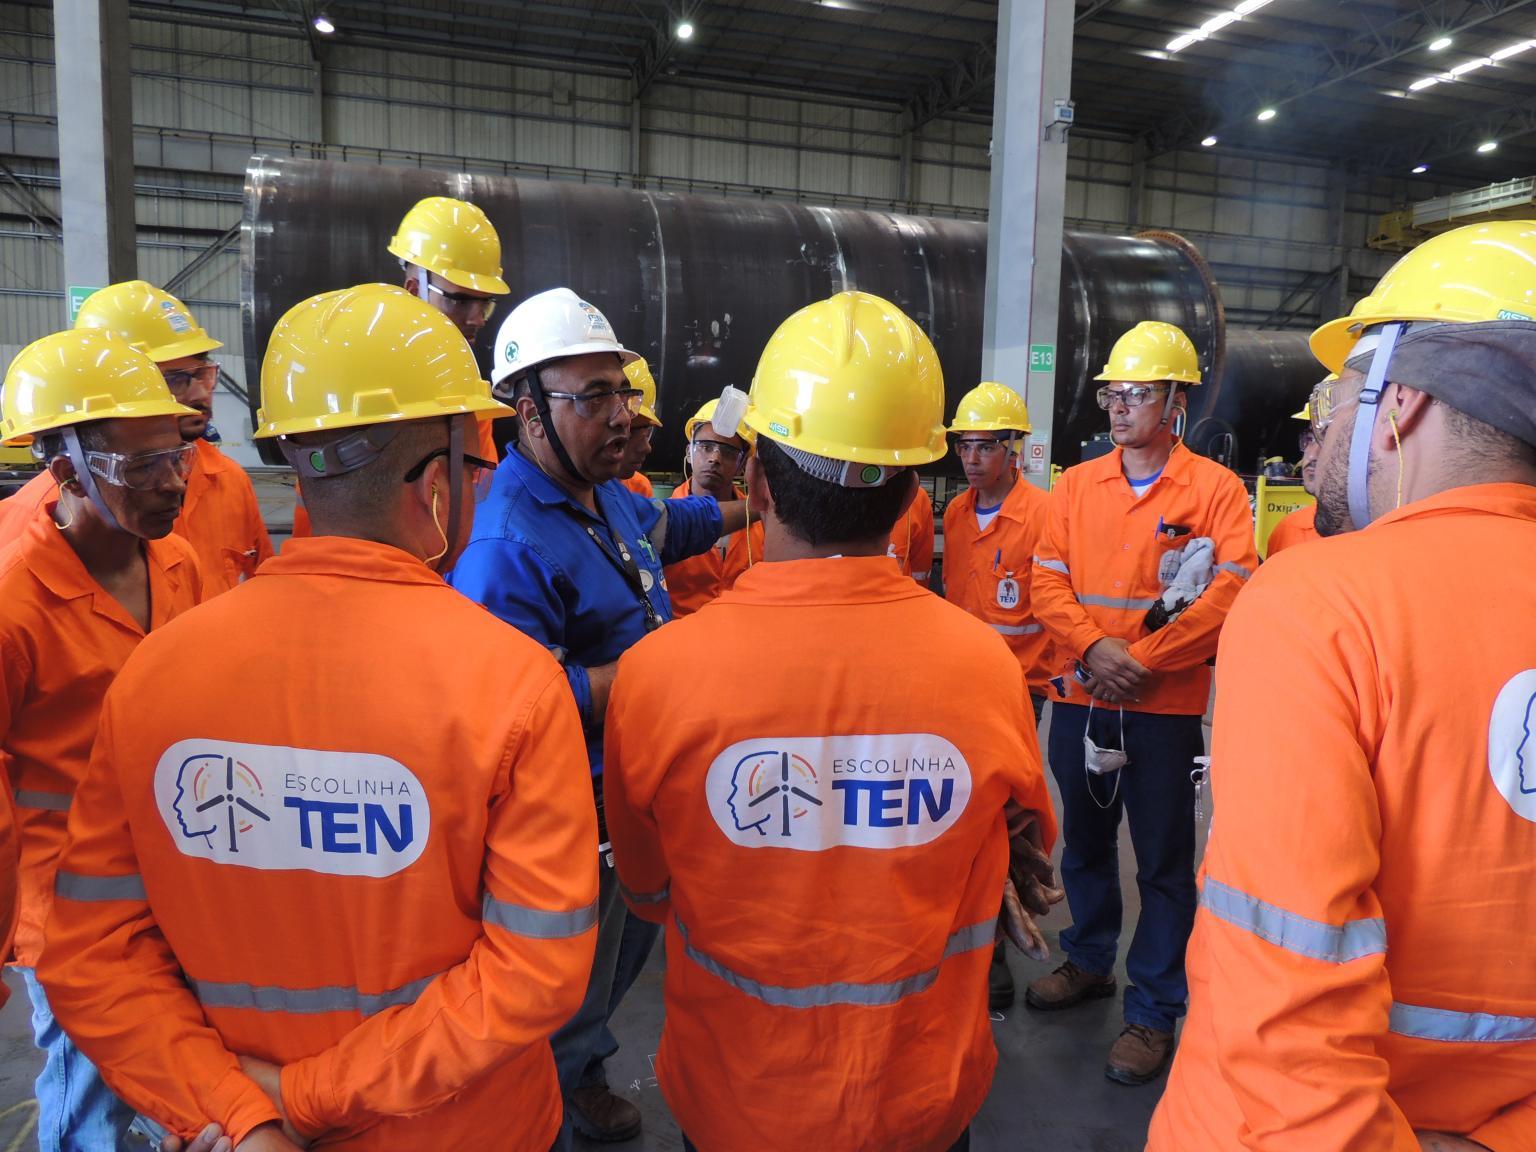 Soldadores e Técnicos convocados para vagas de emprego em projetos da fabricante de Torres Eólicas - TEN na Bahia